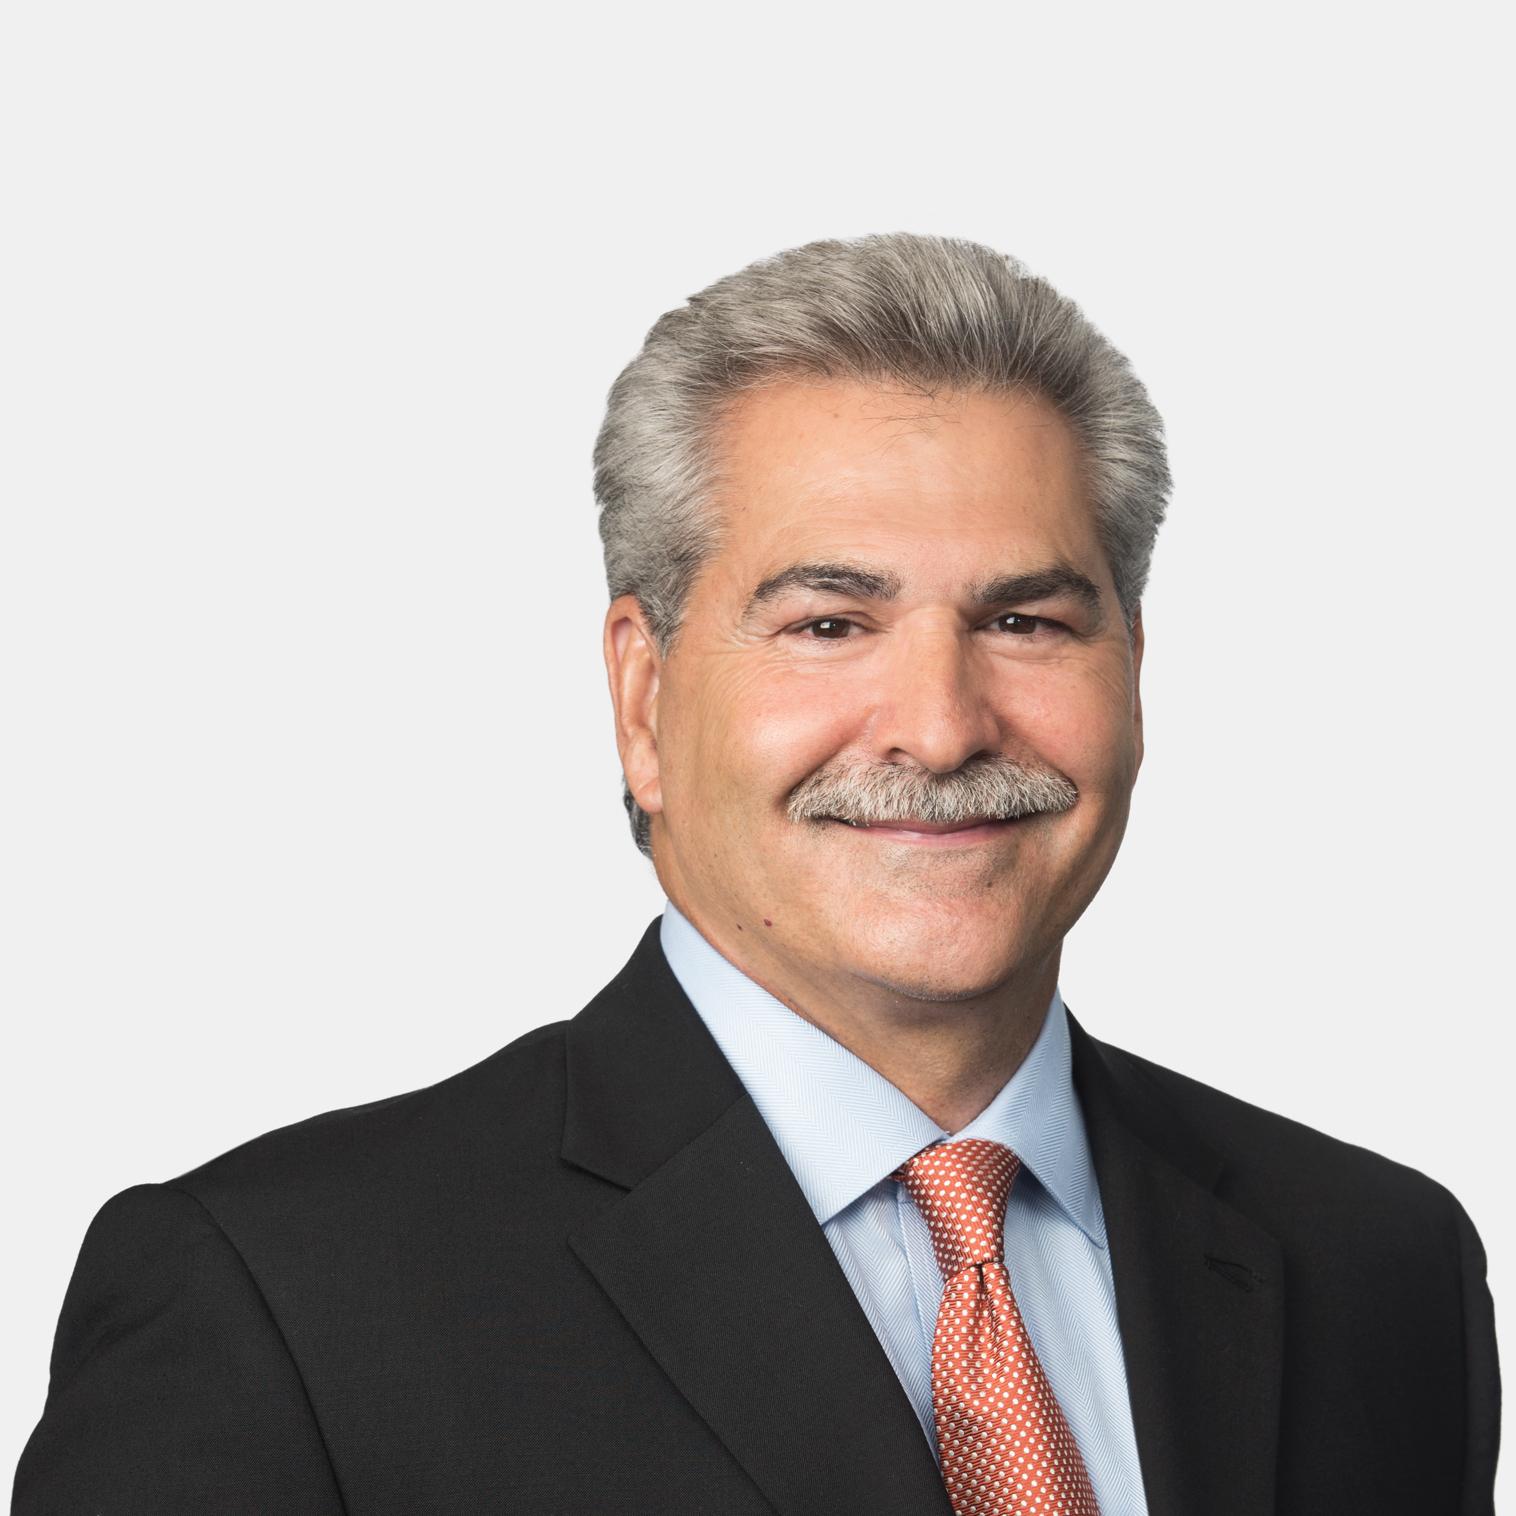 Luis A. Perez